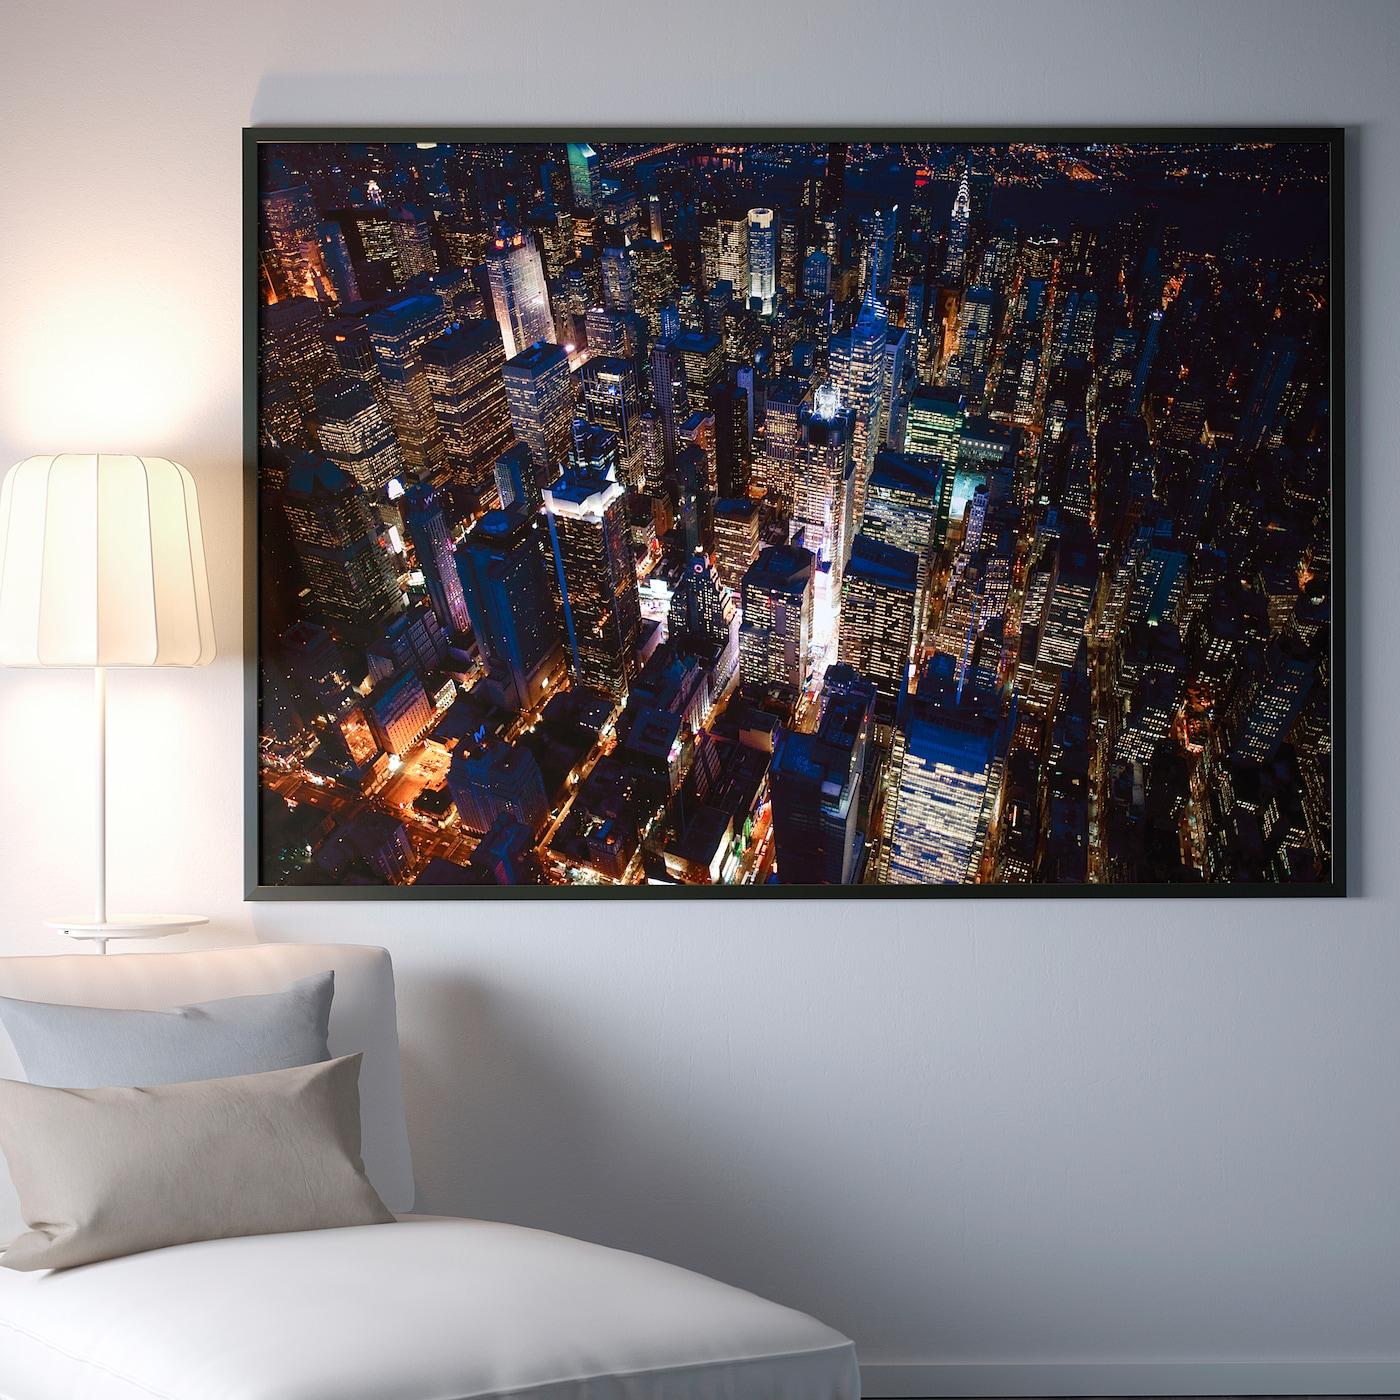 Cadre Photo Sur Pied Ikea bjÖrksta image avec cadre - les lumières de la ville, new york, noir  200x140 cm